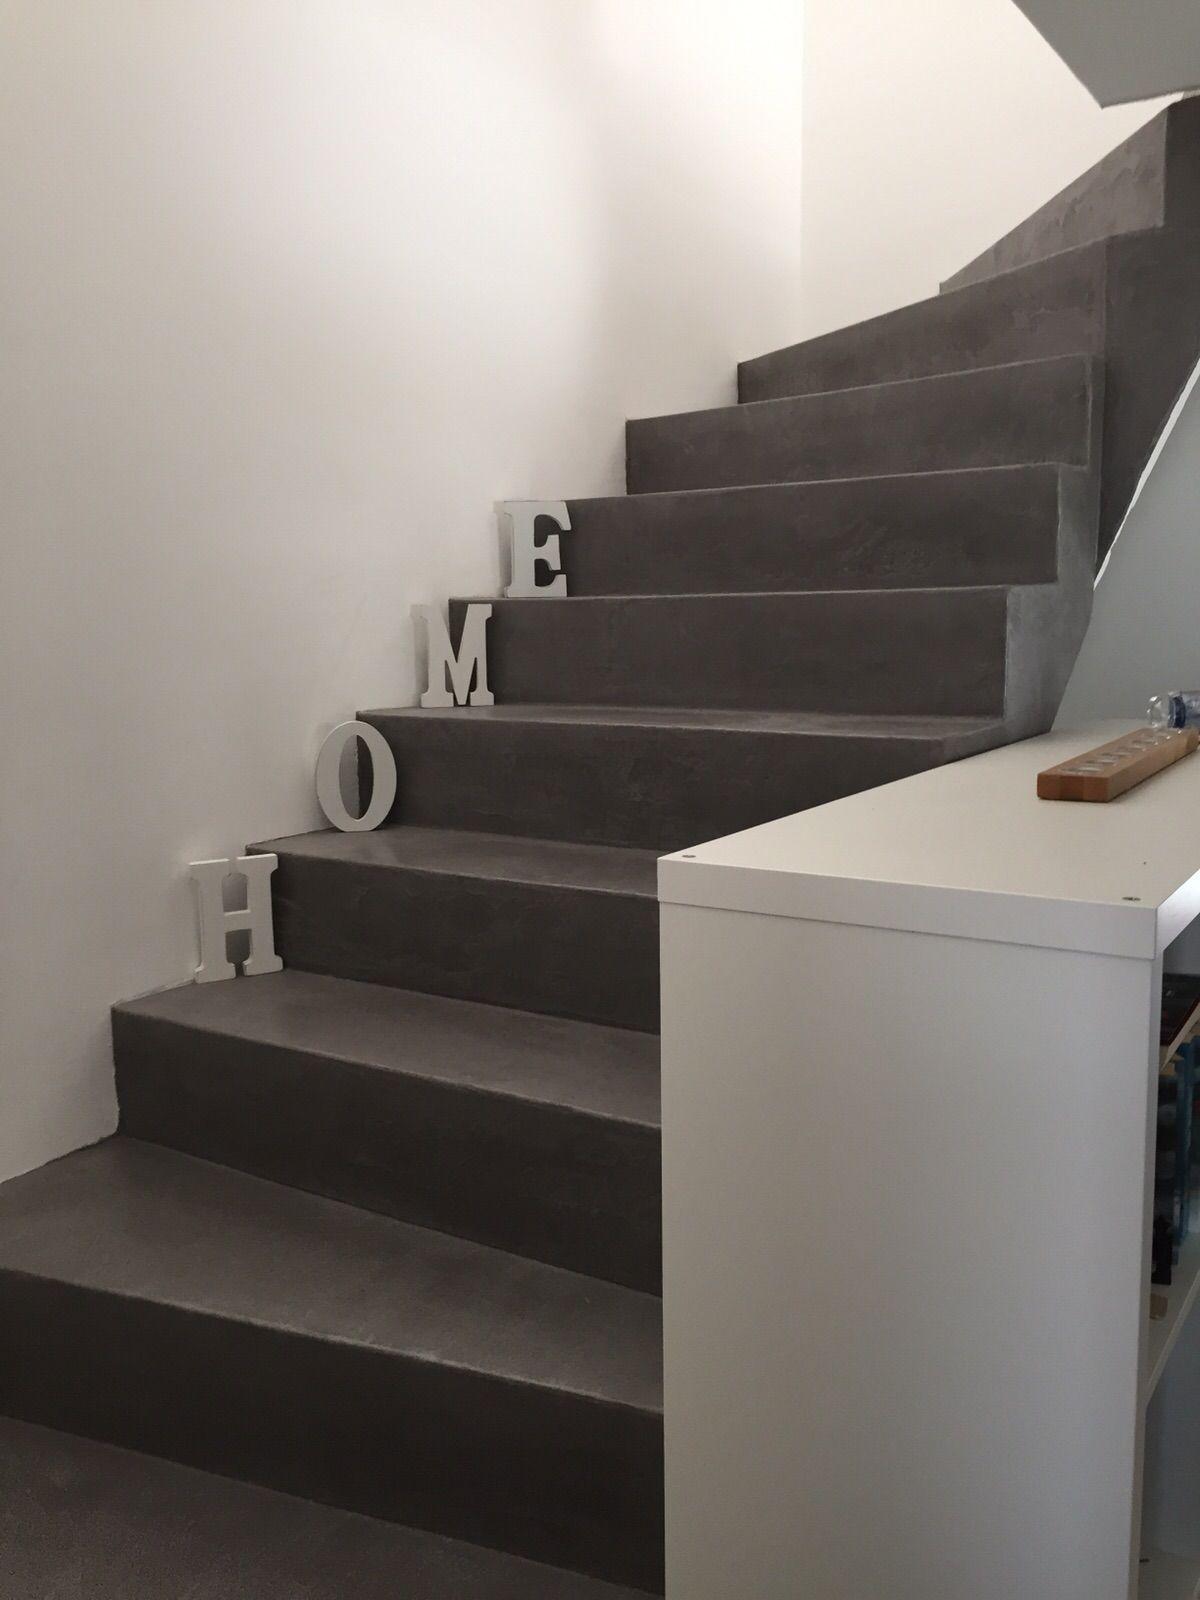 Beton Cire Treppe beton cire treppe deko betonoptik deko